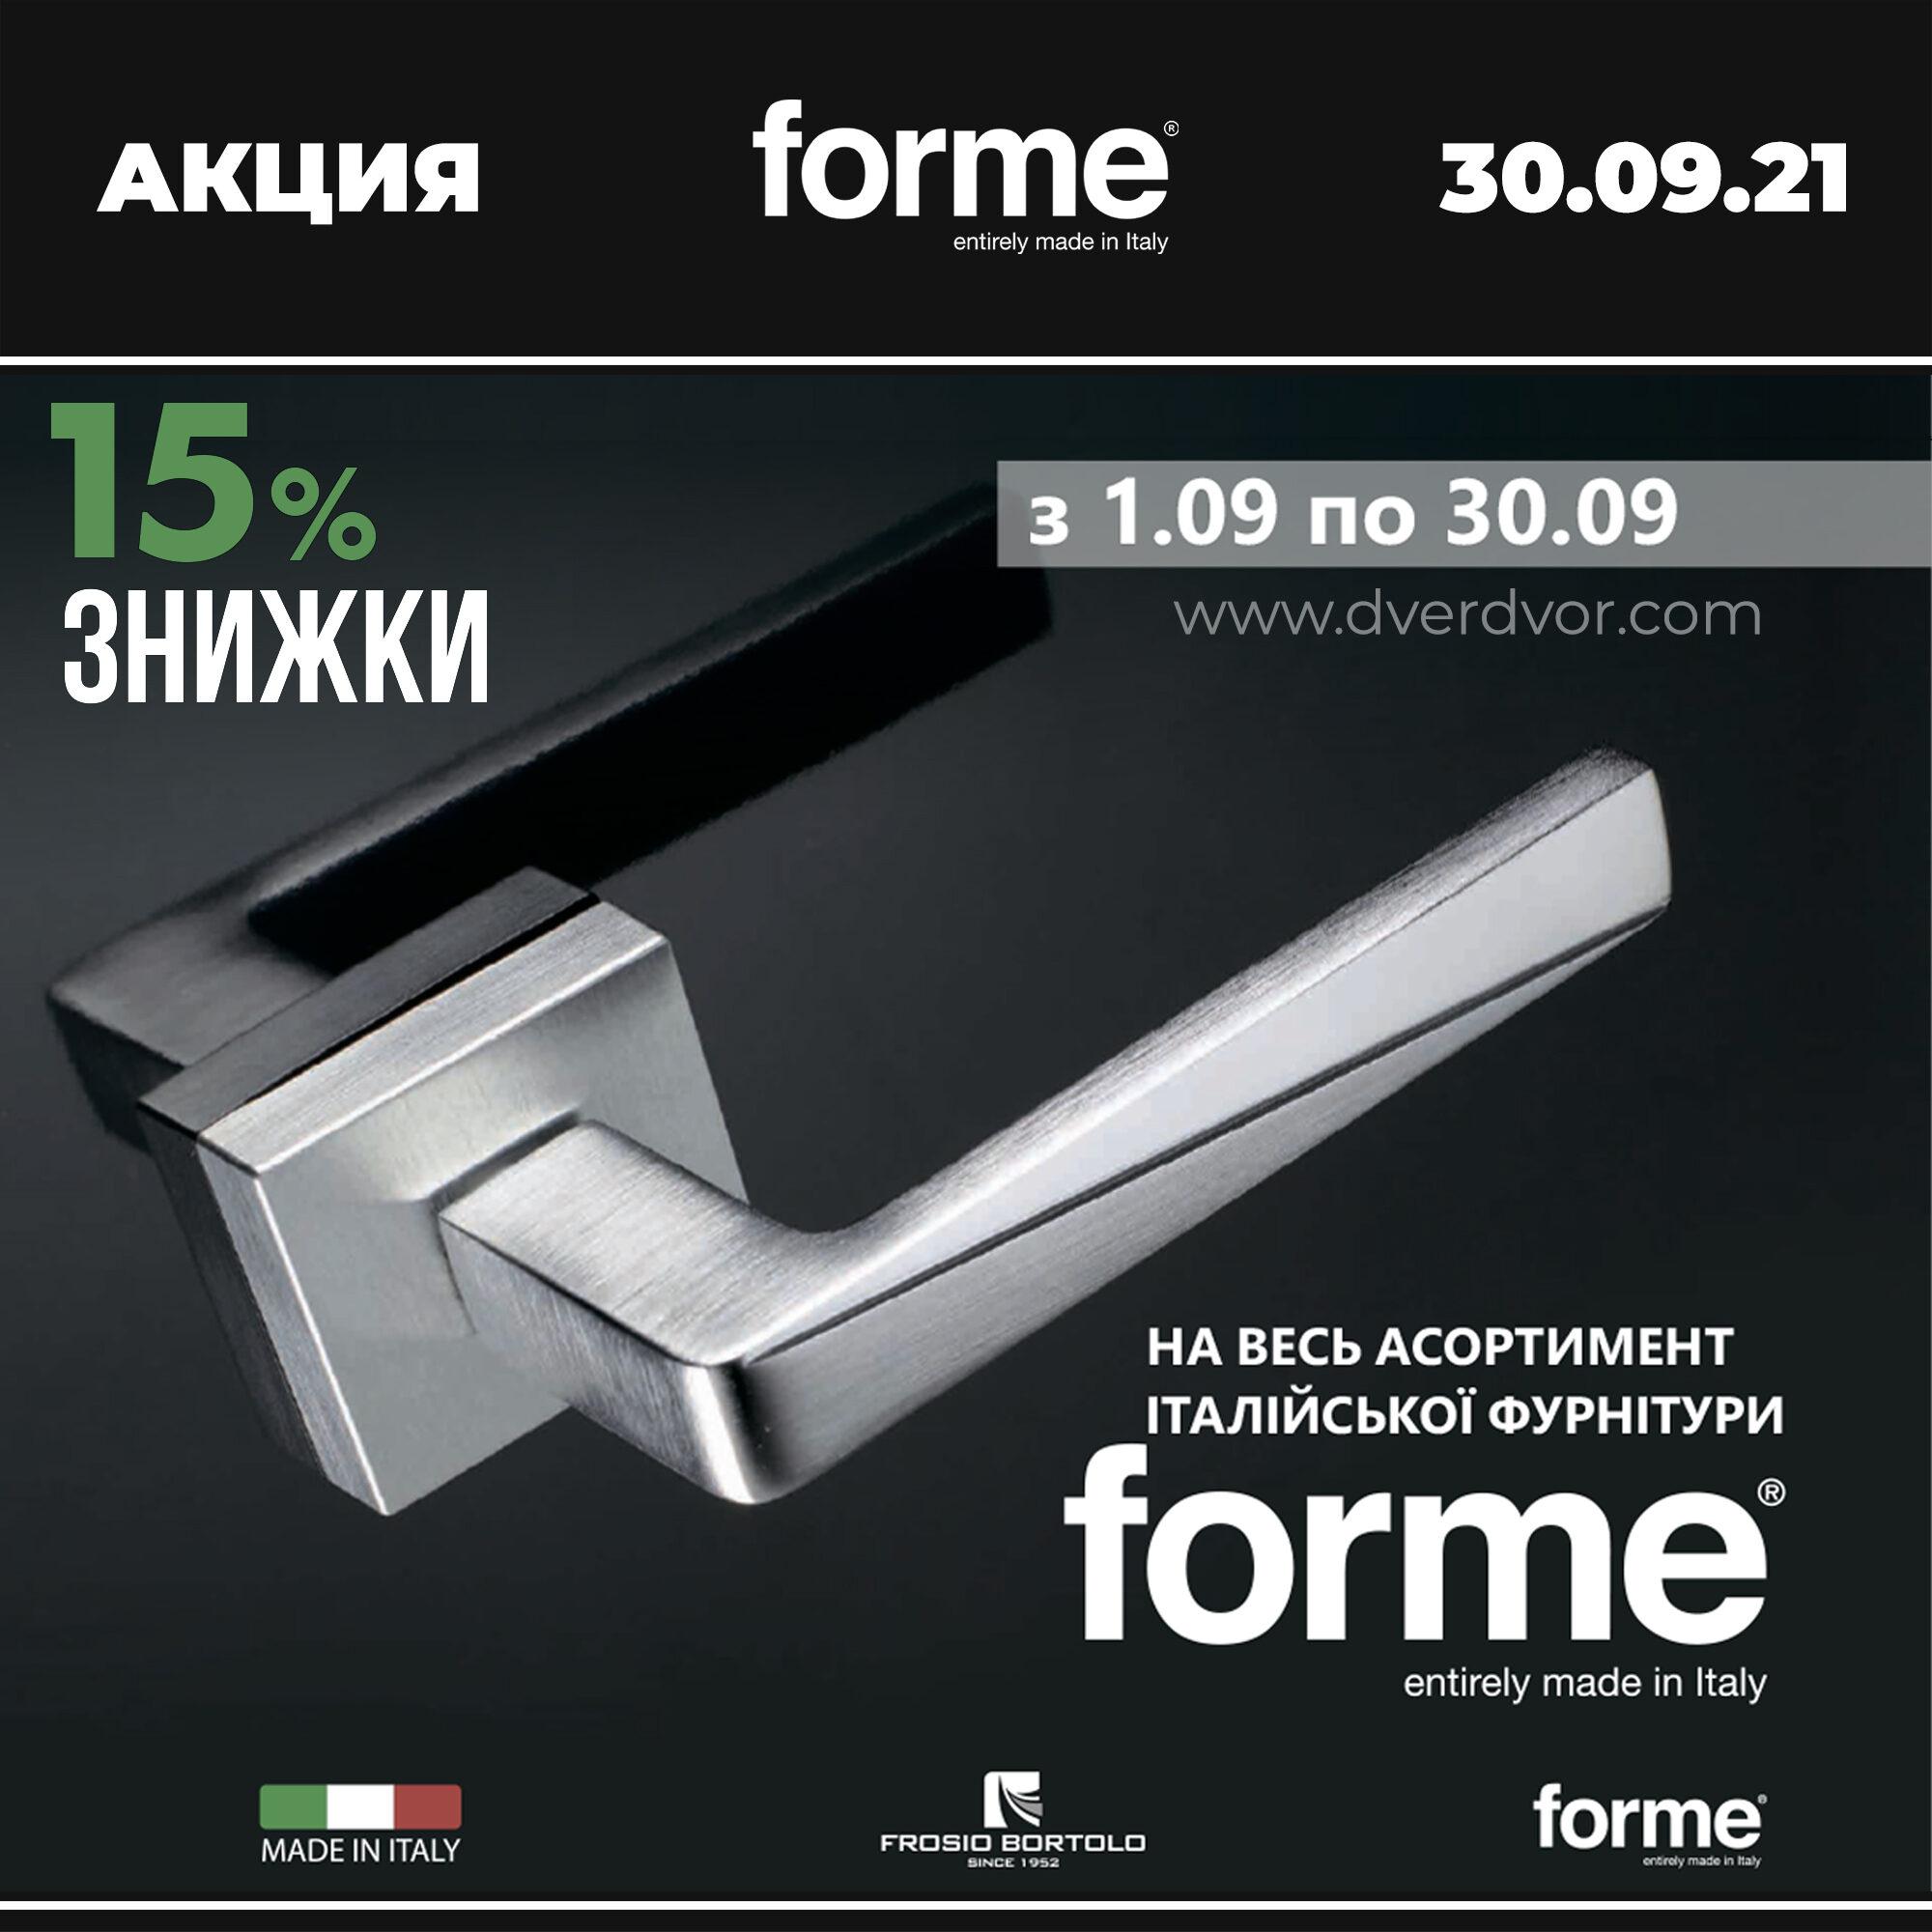 30.09.2021 Forme